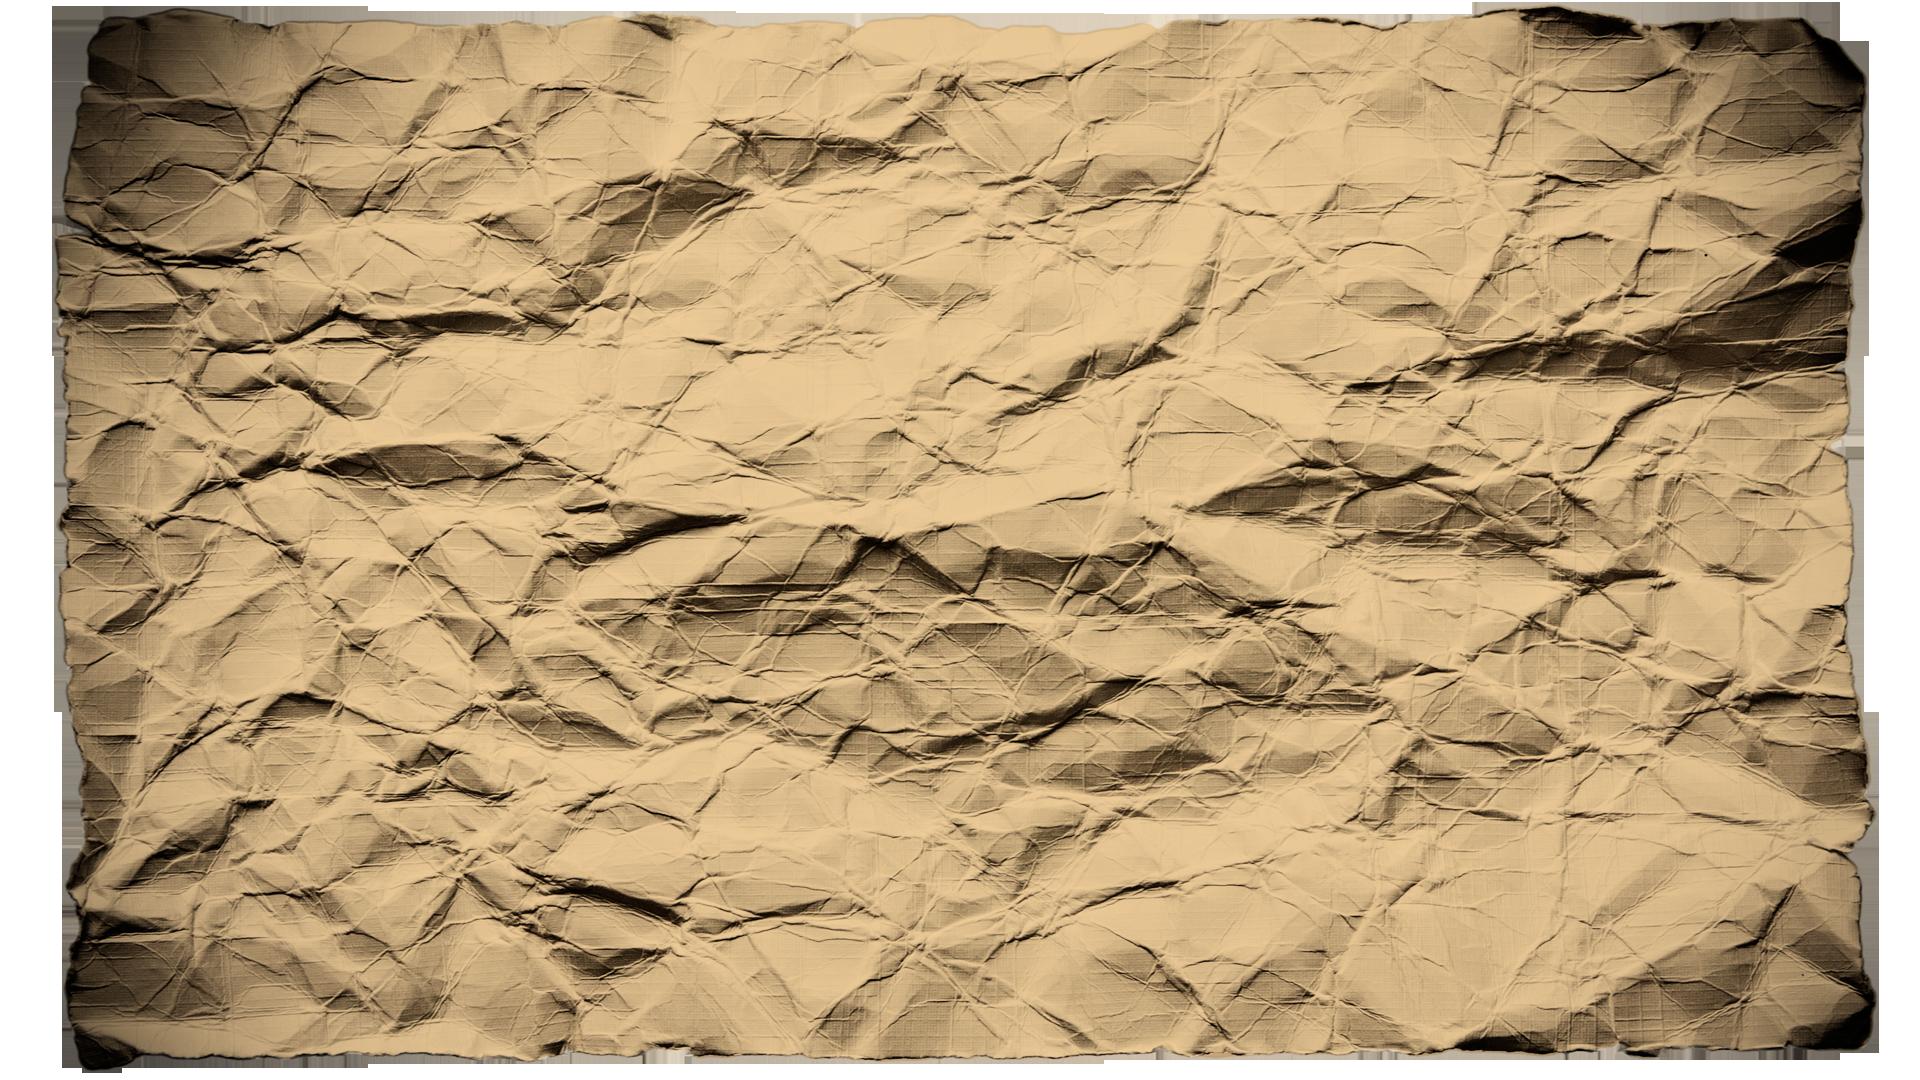 1920x1080px Hd Wallpaper Png Wallpapersafari